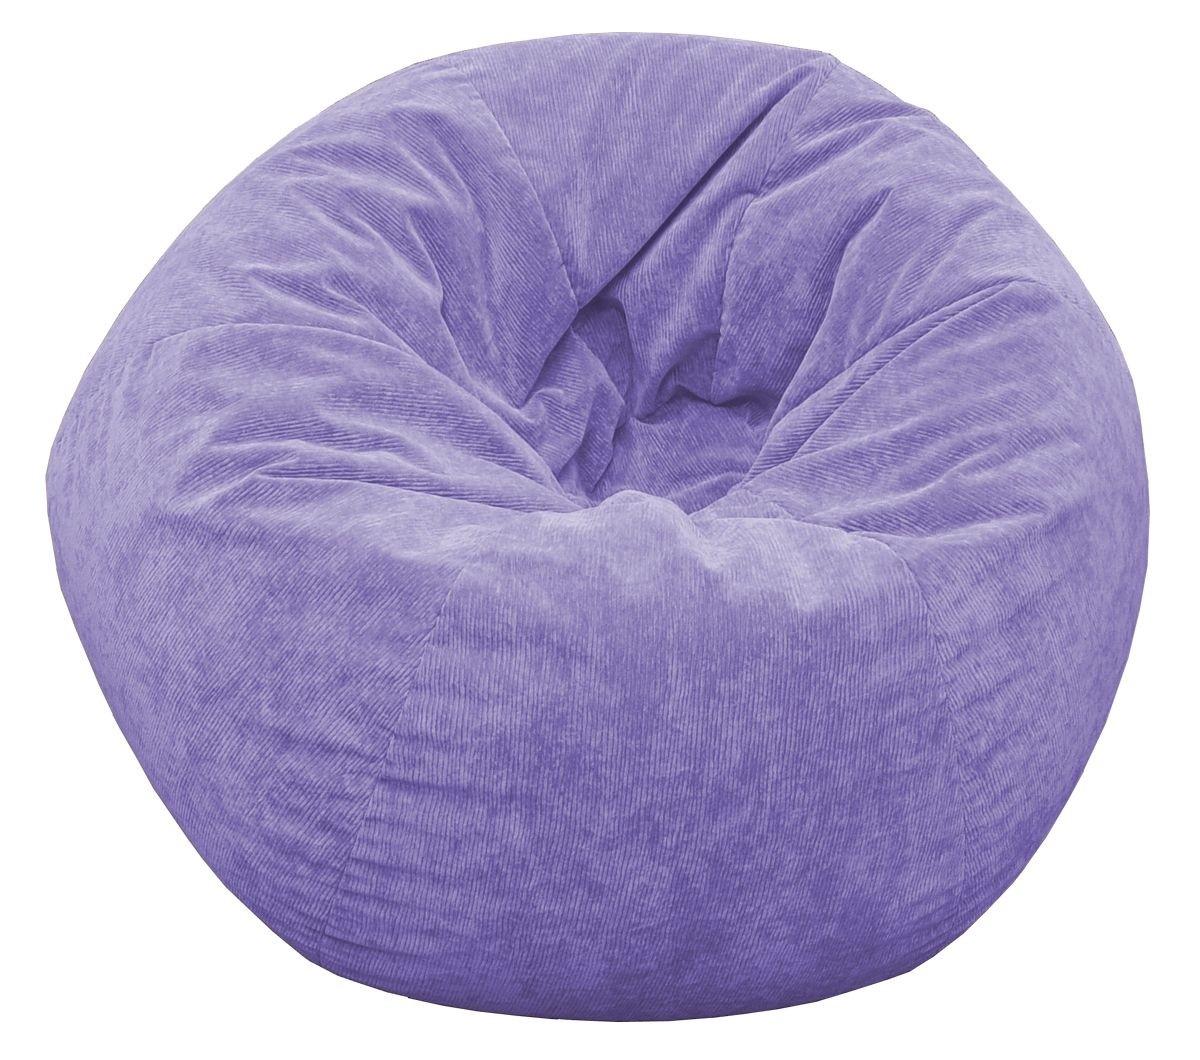 Delicieux Amigo Bean Bag Chair